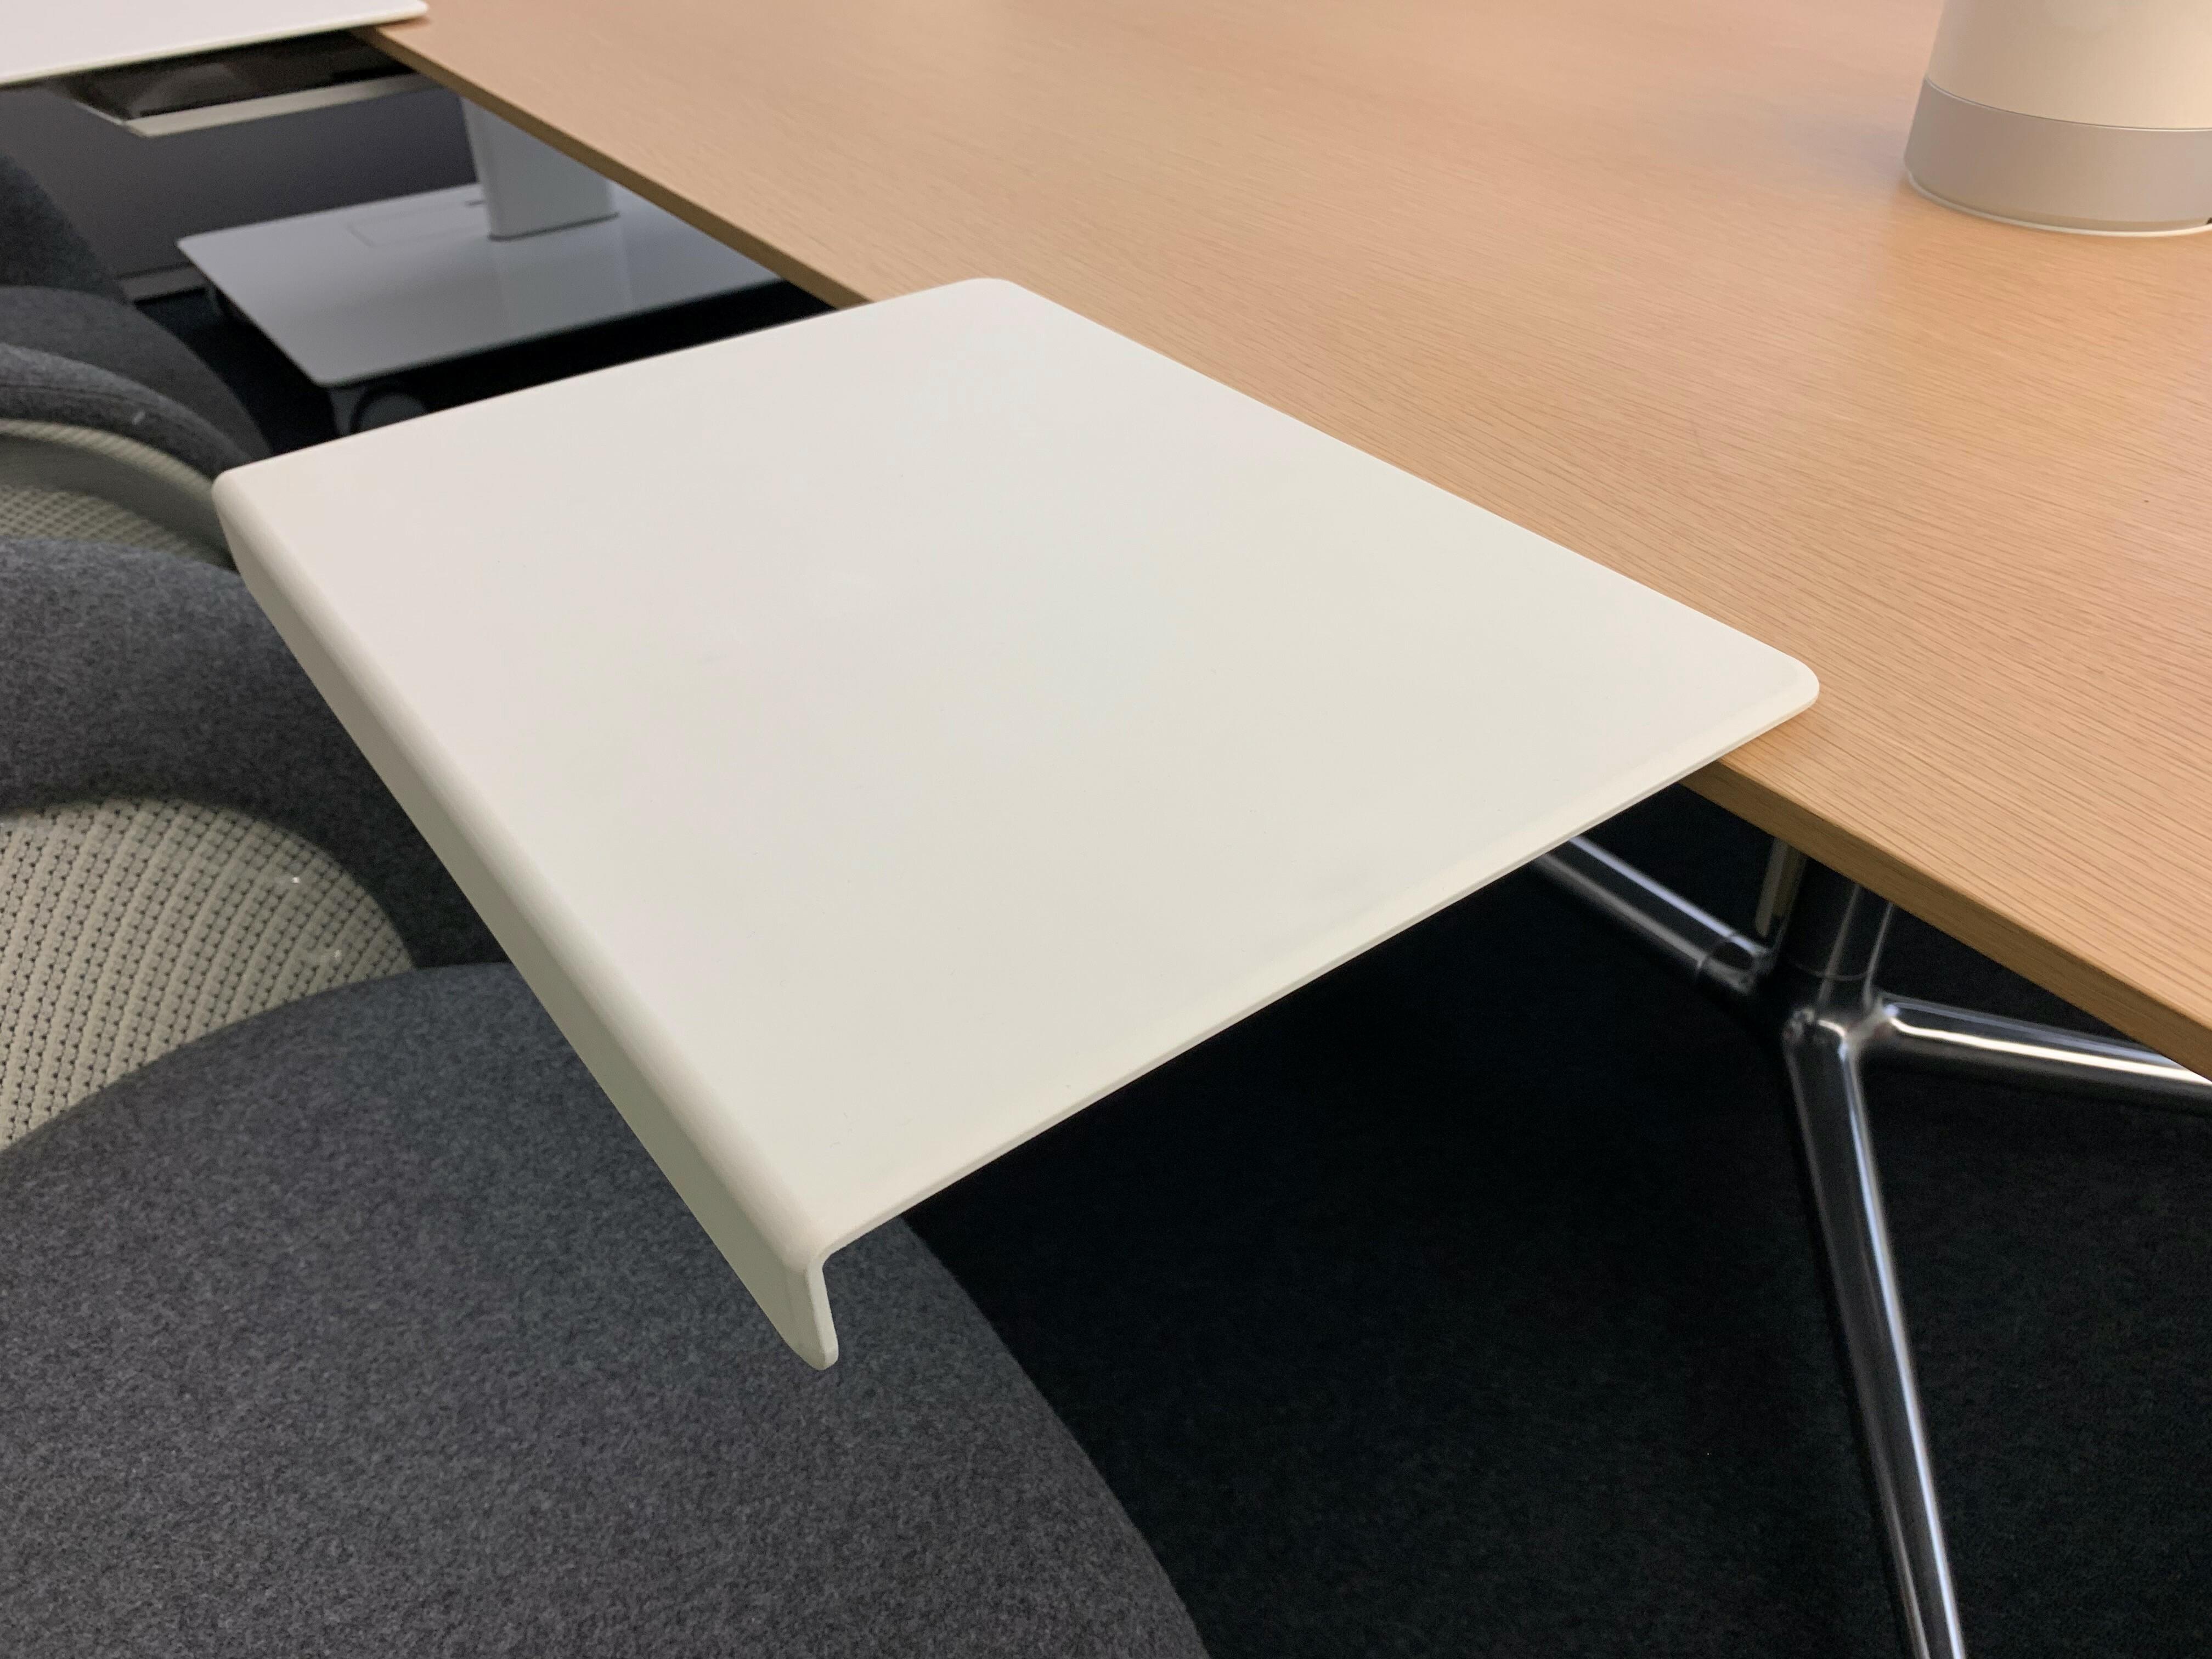 Table et siège de Coalesse 15